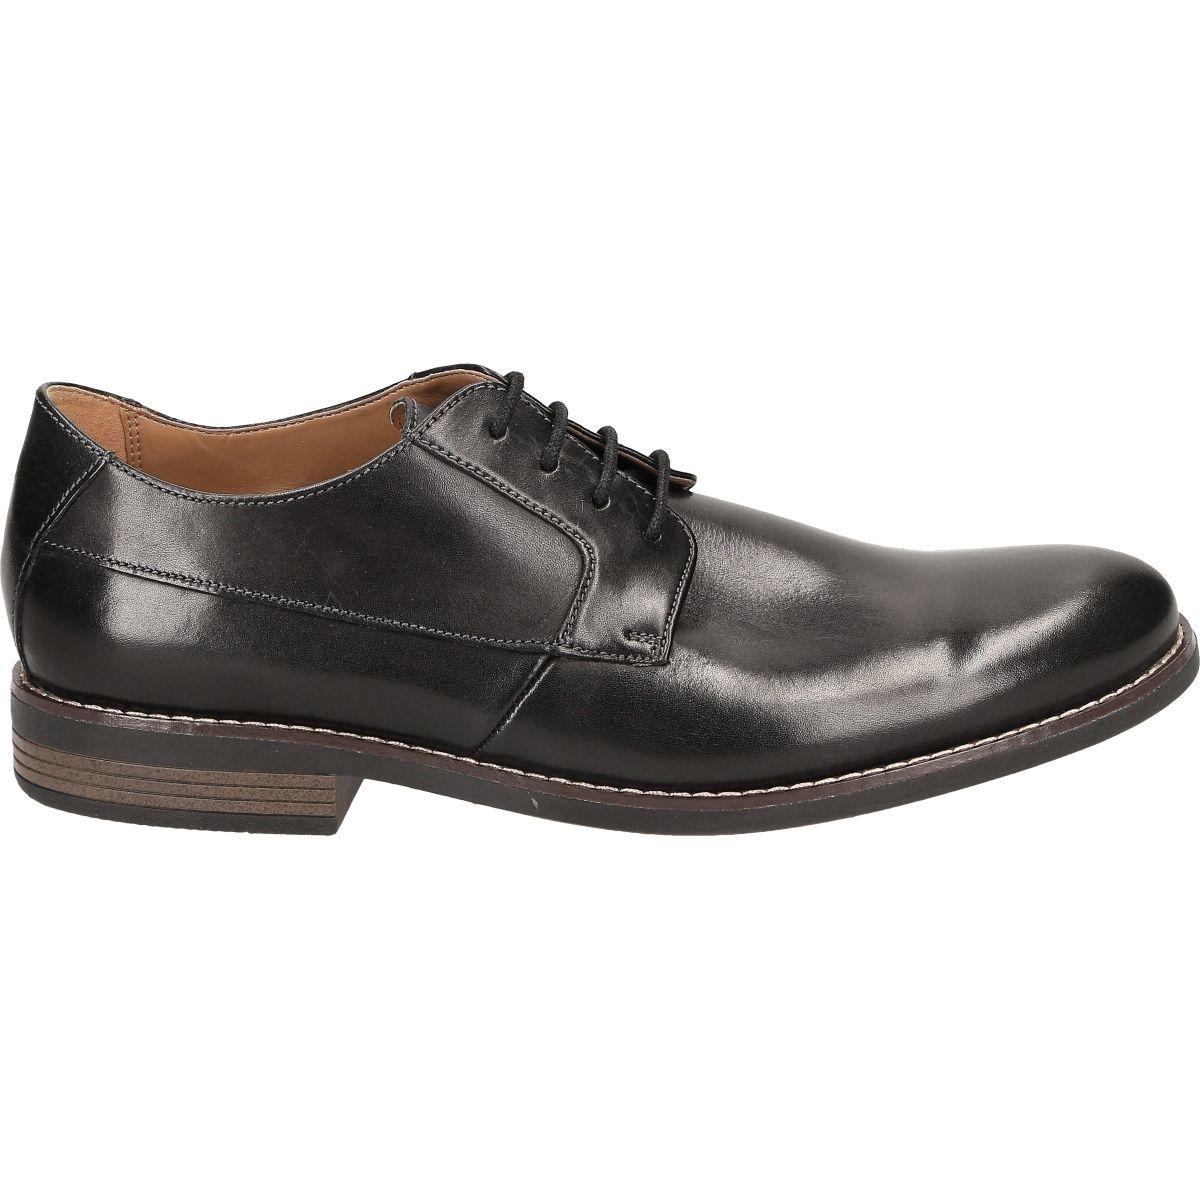 Clarks Becken Plain 26123148 7 Men's shoes Lace ups buy